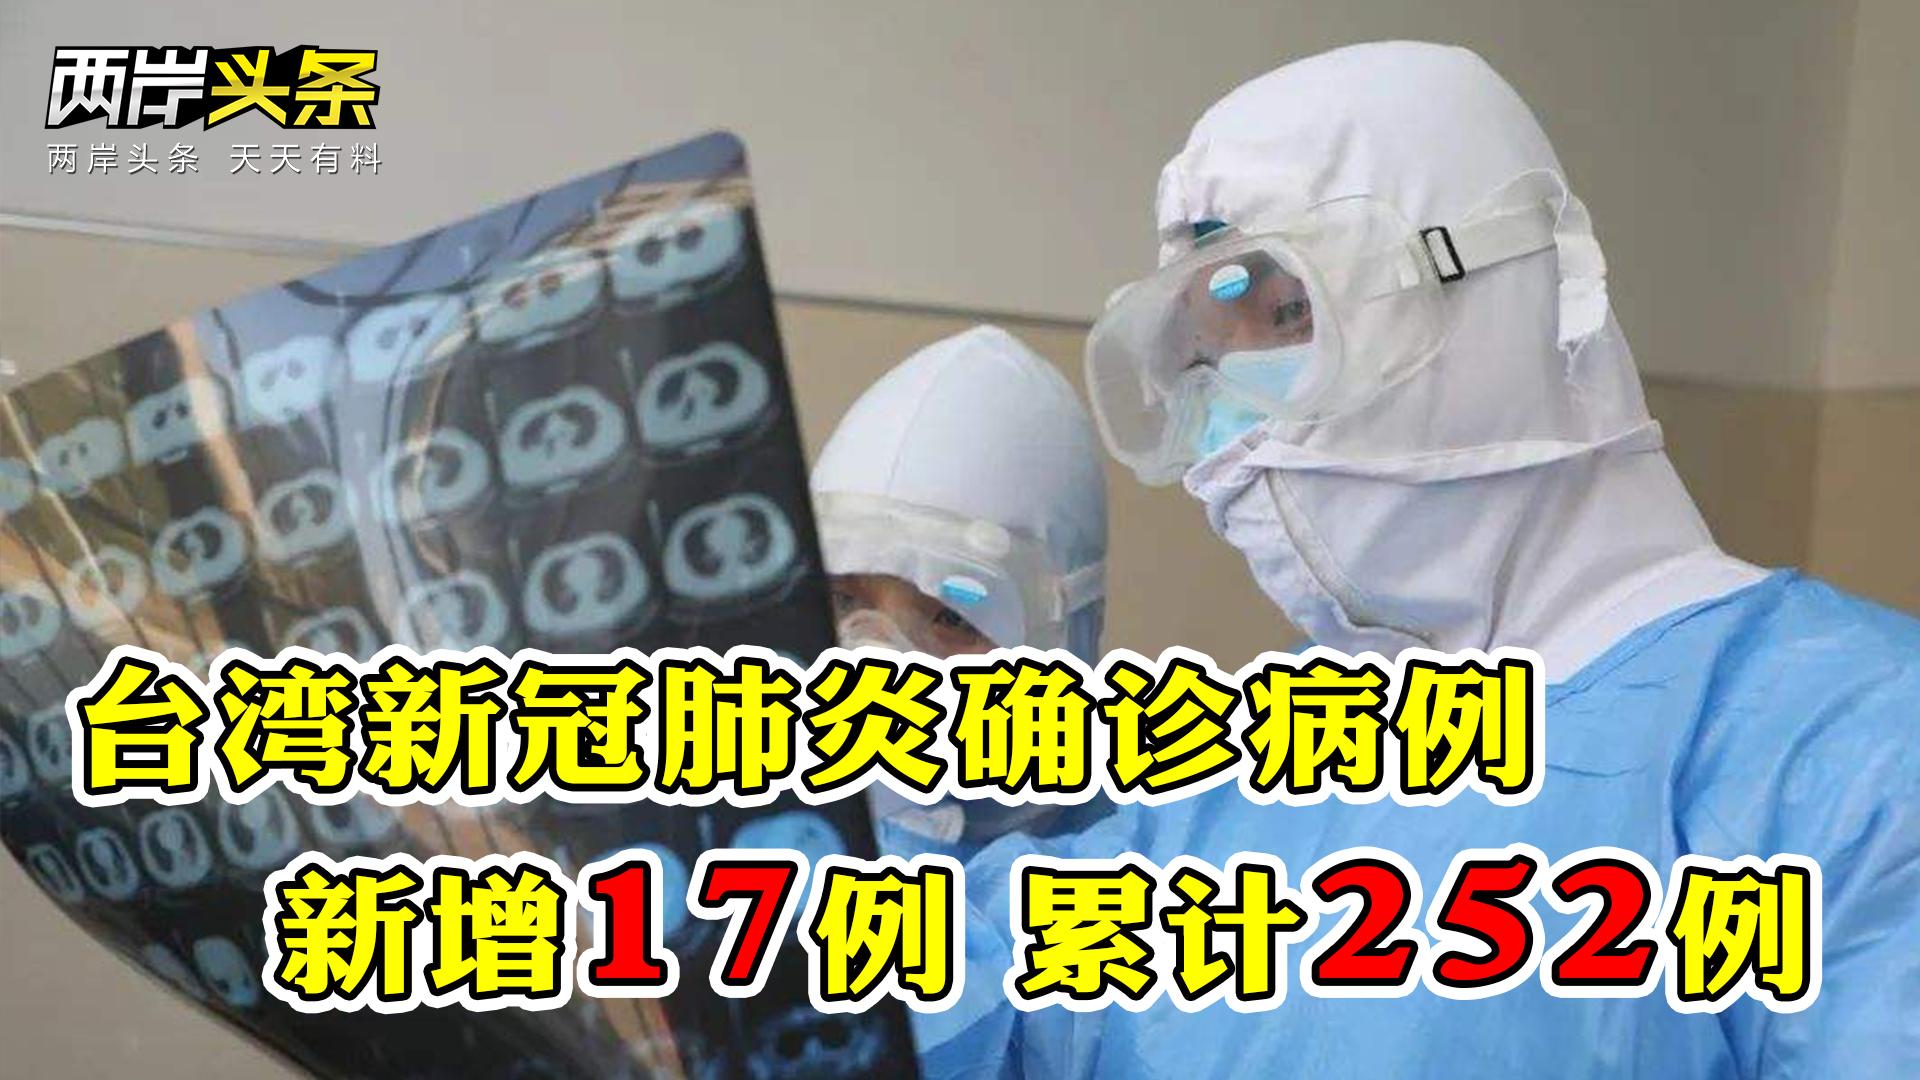 新增17例 臺灣地區新冠肺炎確診病例增至252例圖片